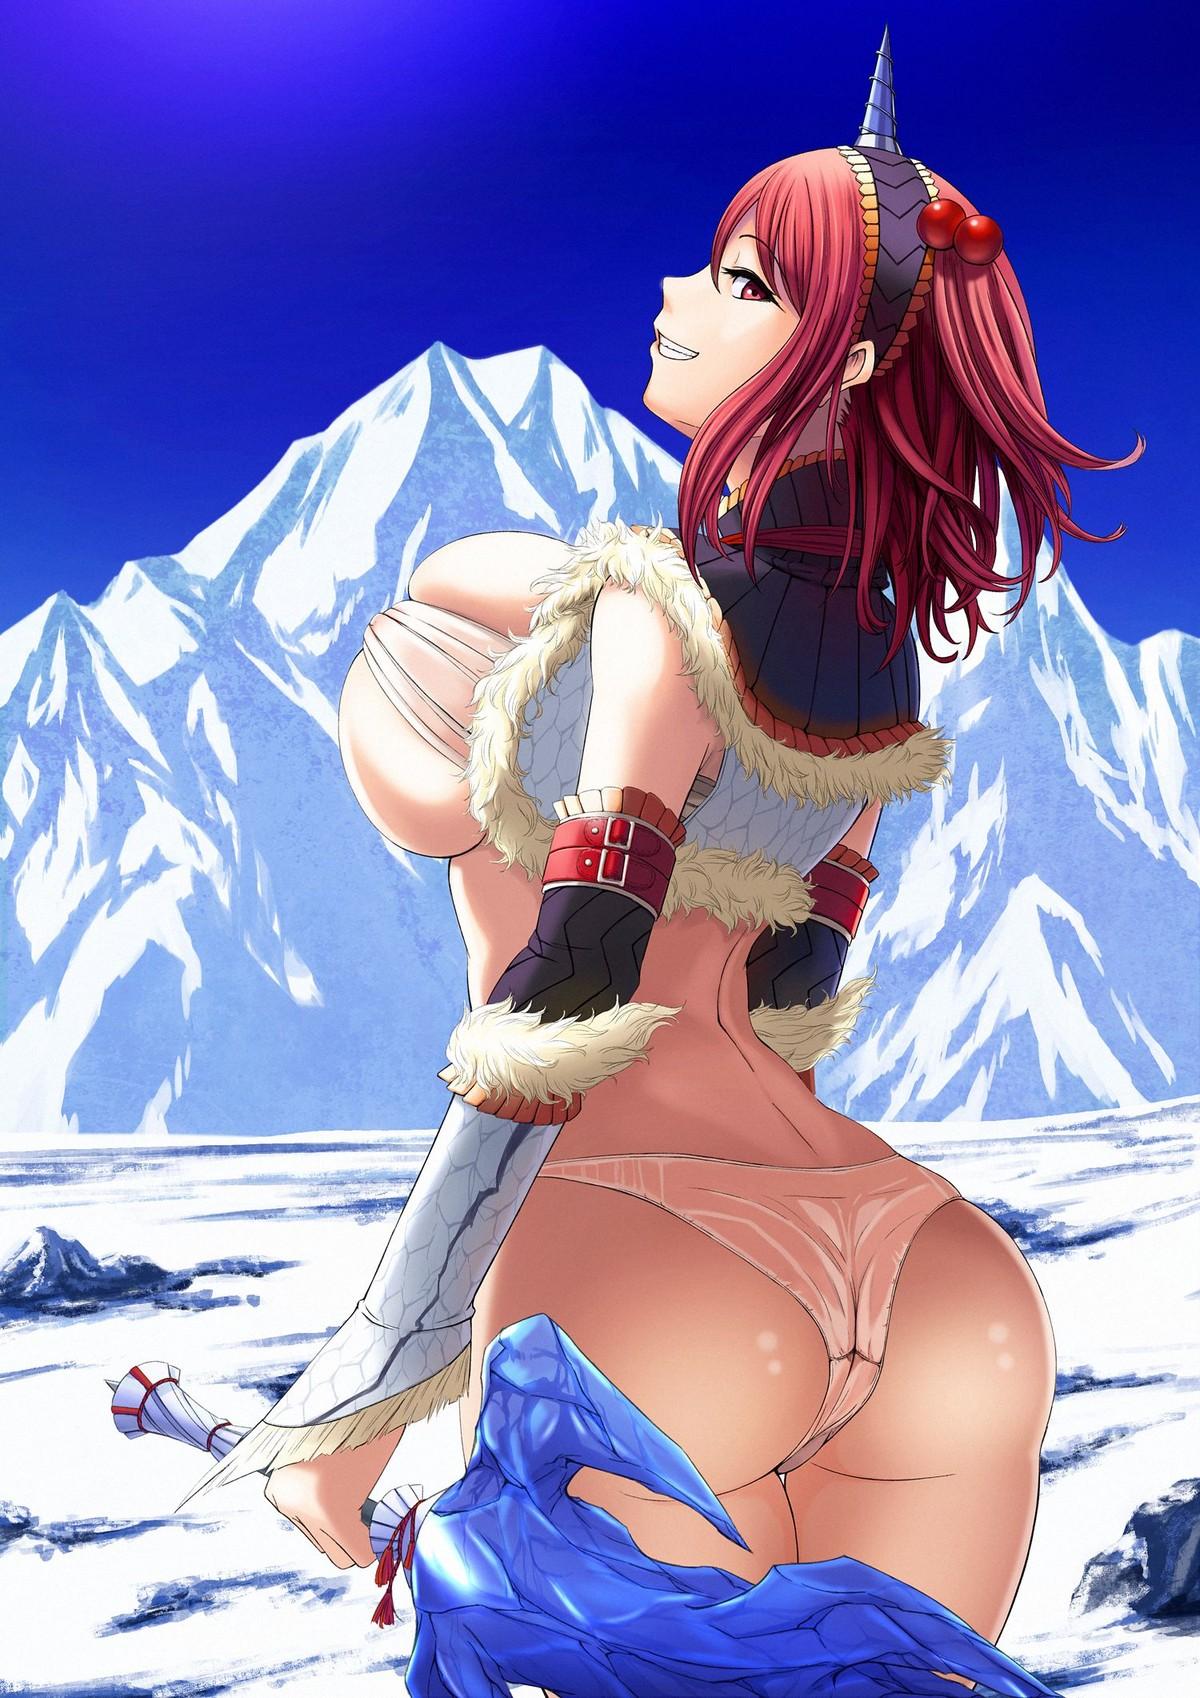 kirin_(armor)241